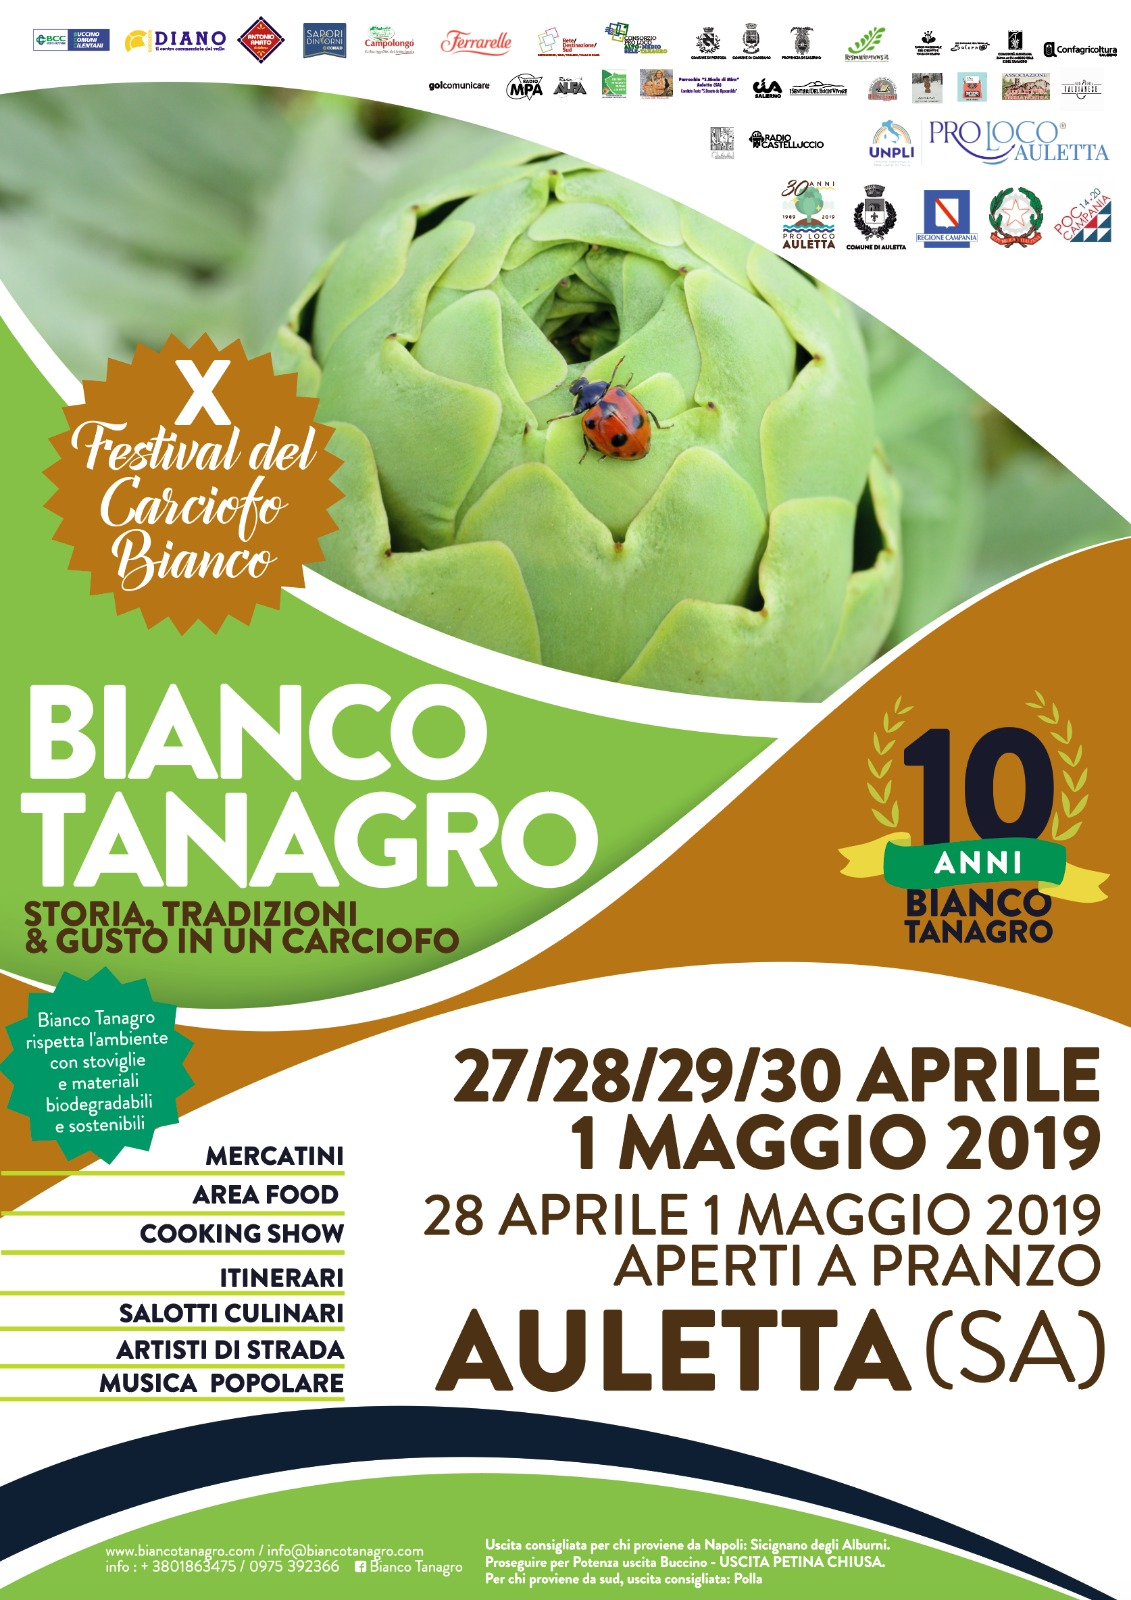 Bianco Tanagro:  dal 27 aprile al 1° maggio nel borgo di Auletta